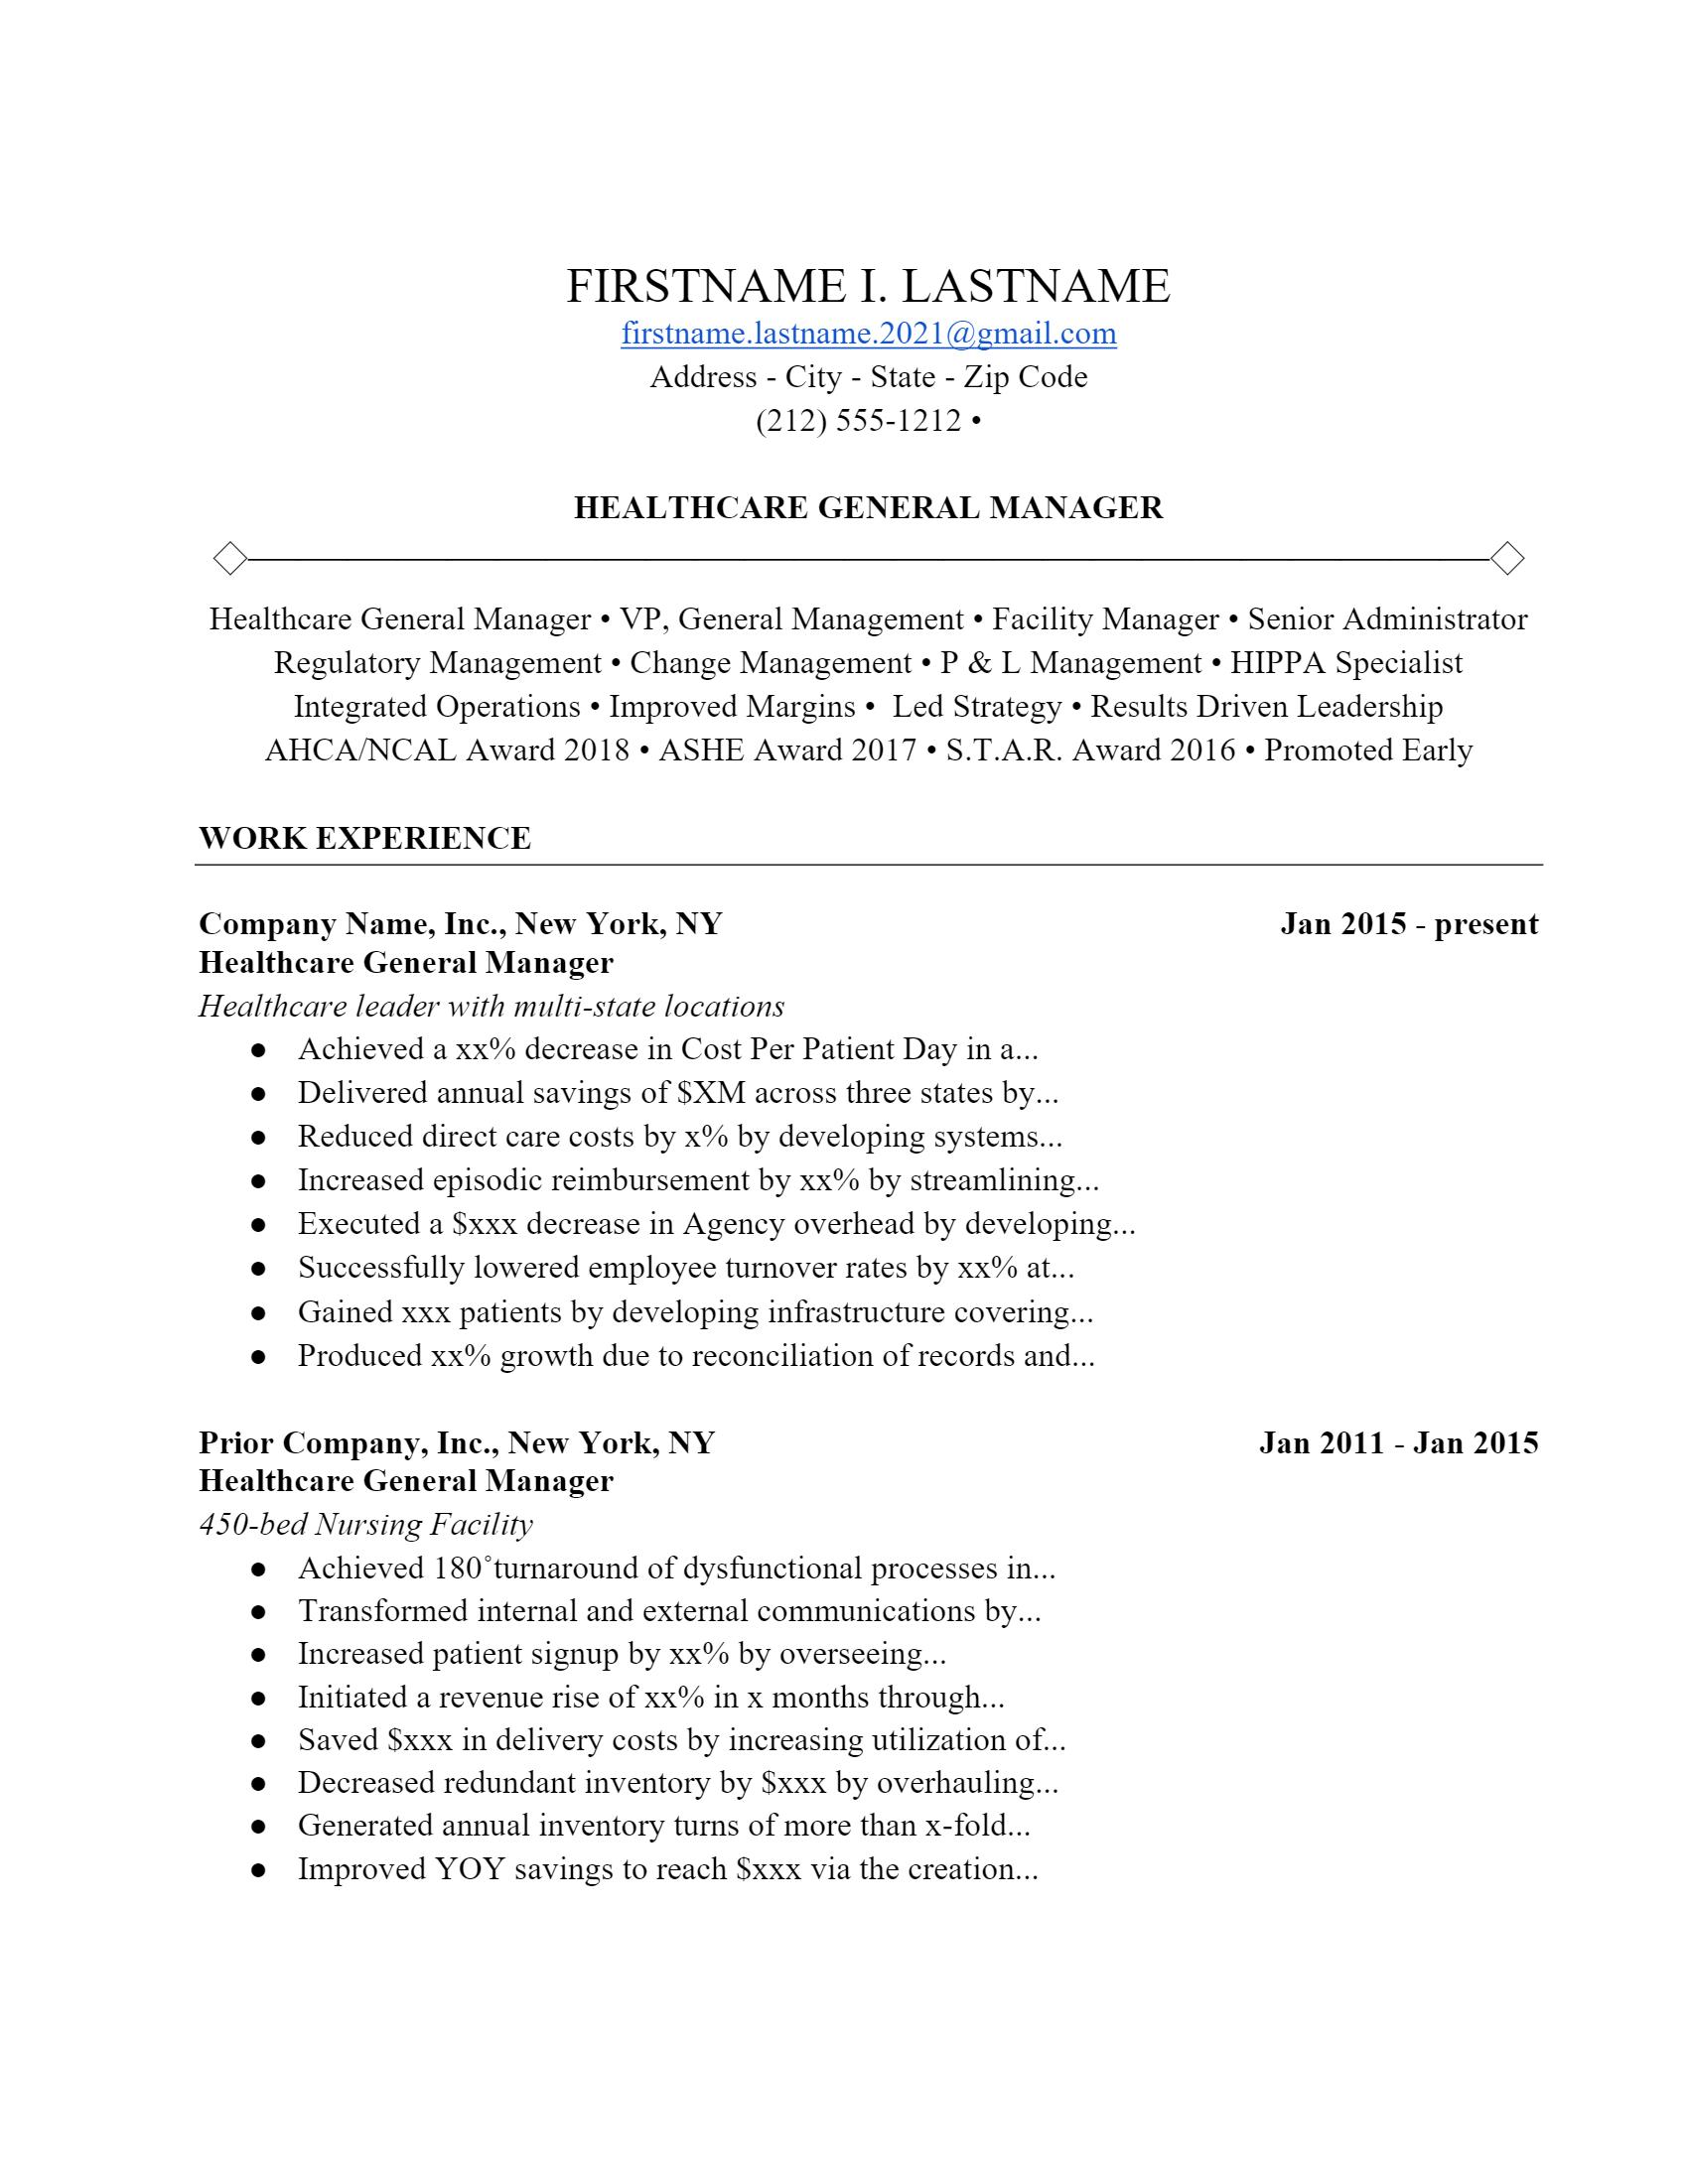 Healthcare Manager Resume > Healthcare Manager Resume .Docx (Word)